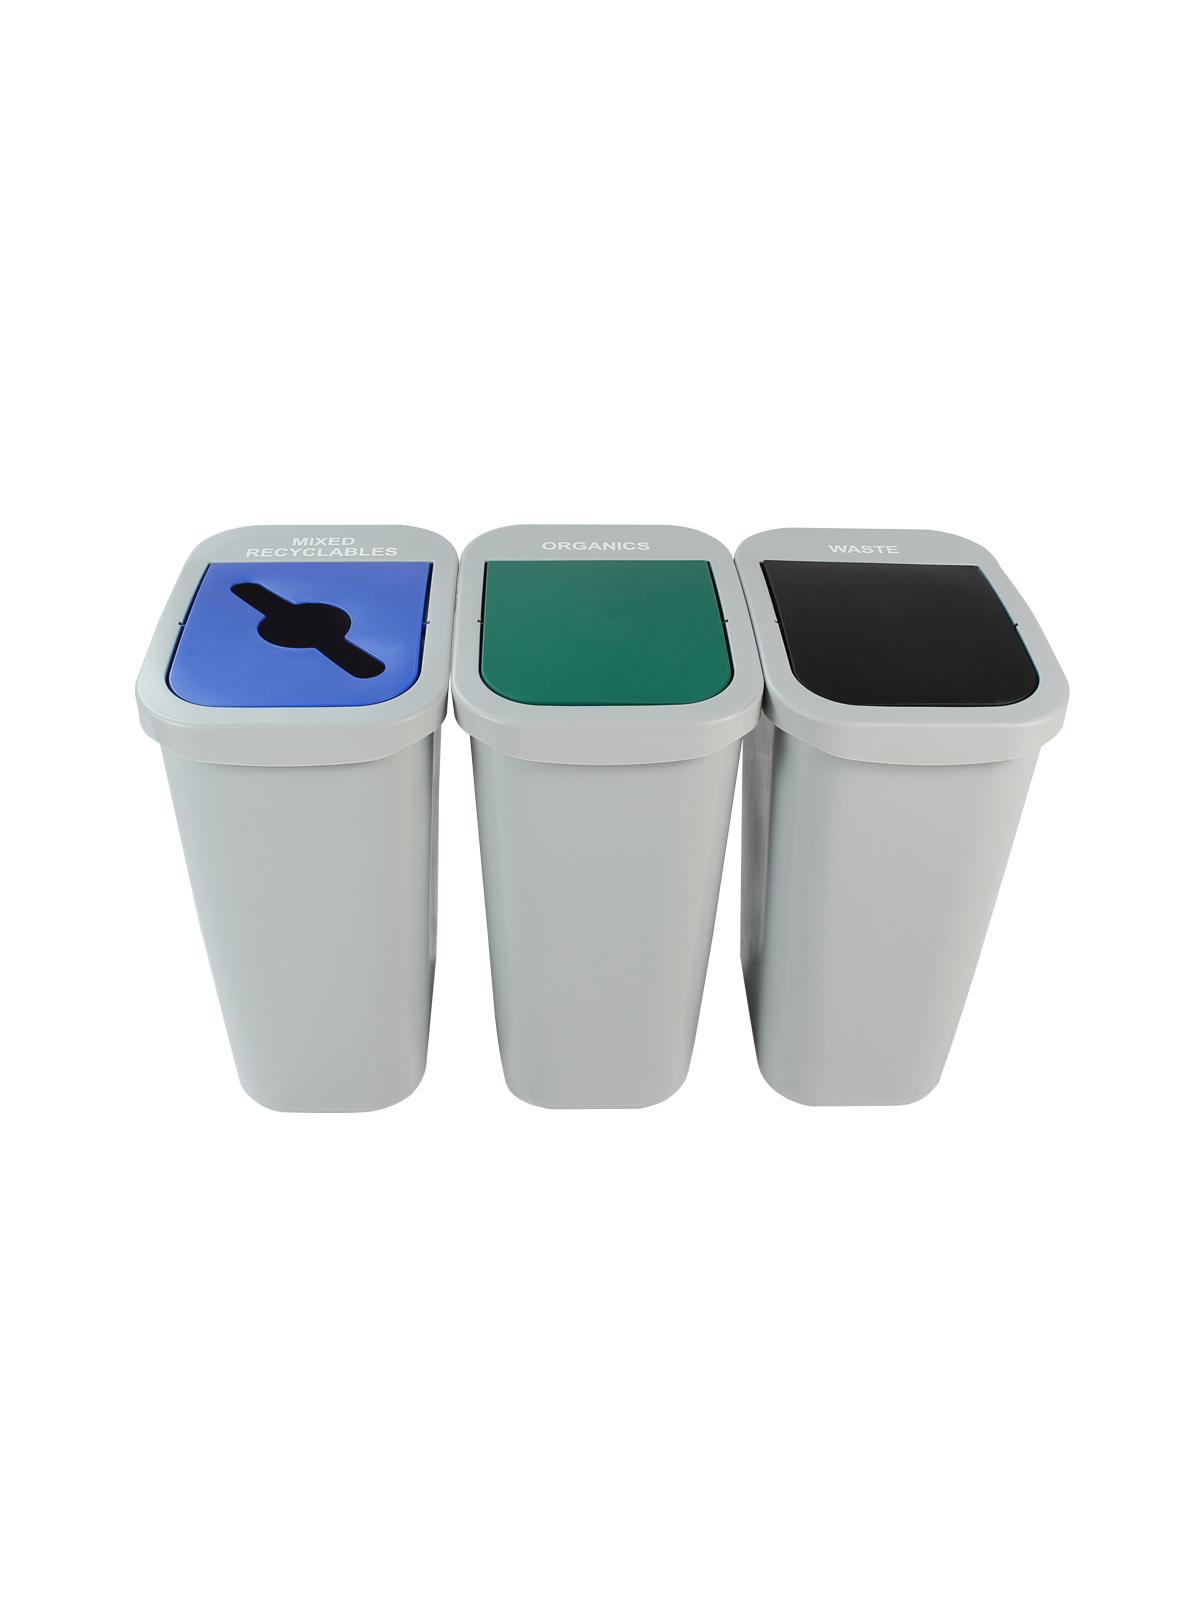 Billi Box Triple Series